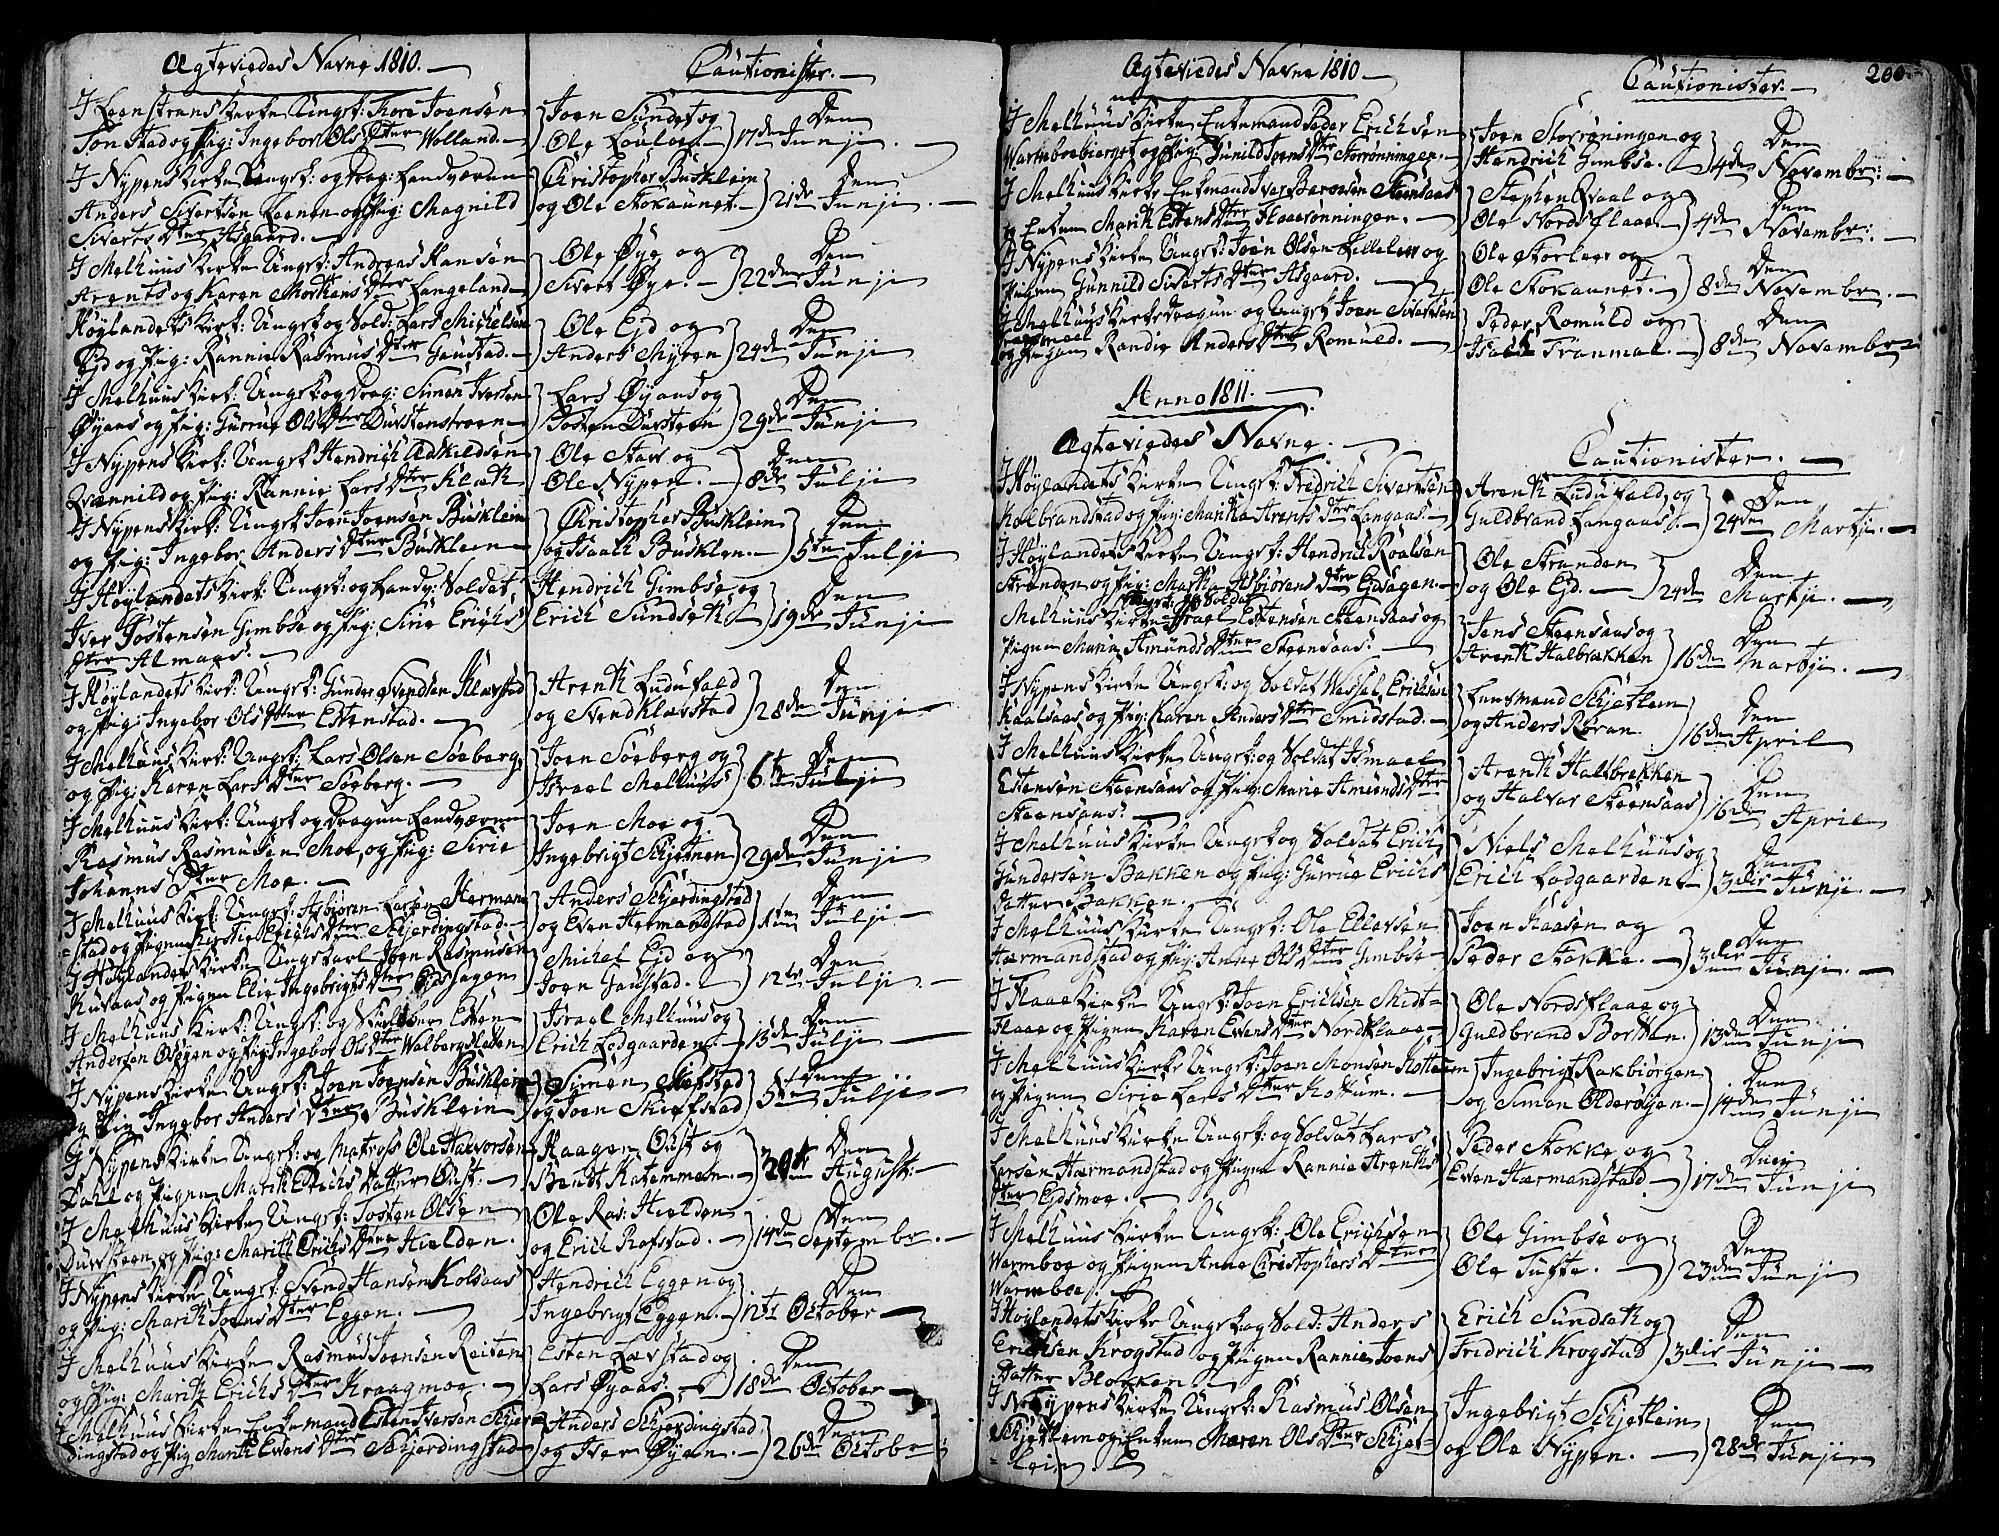 SAT, Ministerialprotokoller, klokkerbøker og fødselsregistre - Sør-Trøndelag, 691/L1061: Ministerialbok nr. 691A02 /1, 1768-1815, s. 200